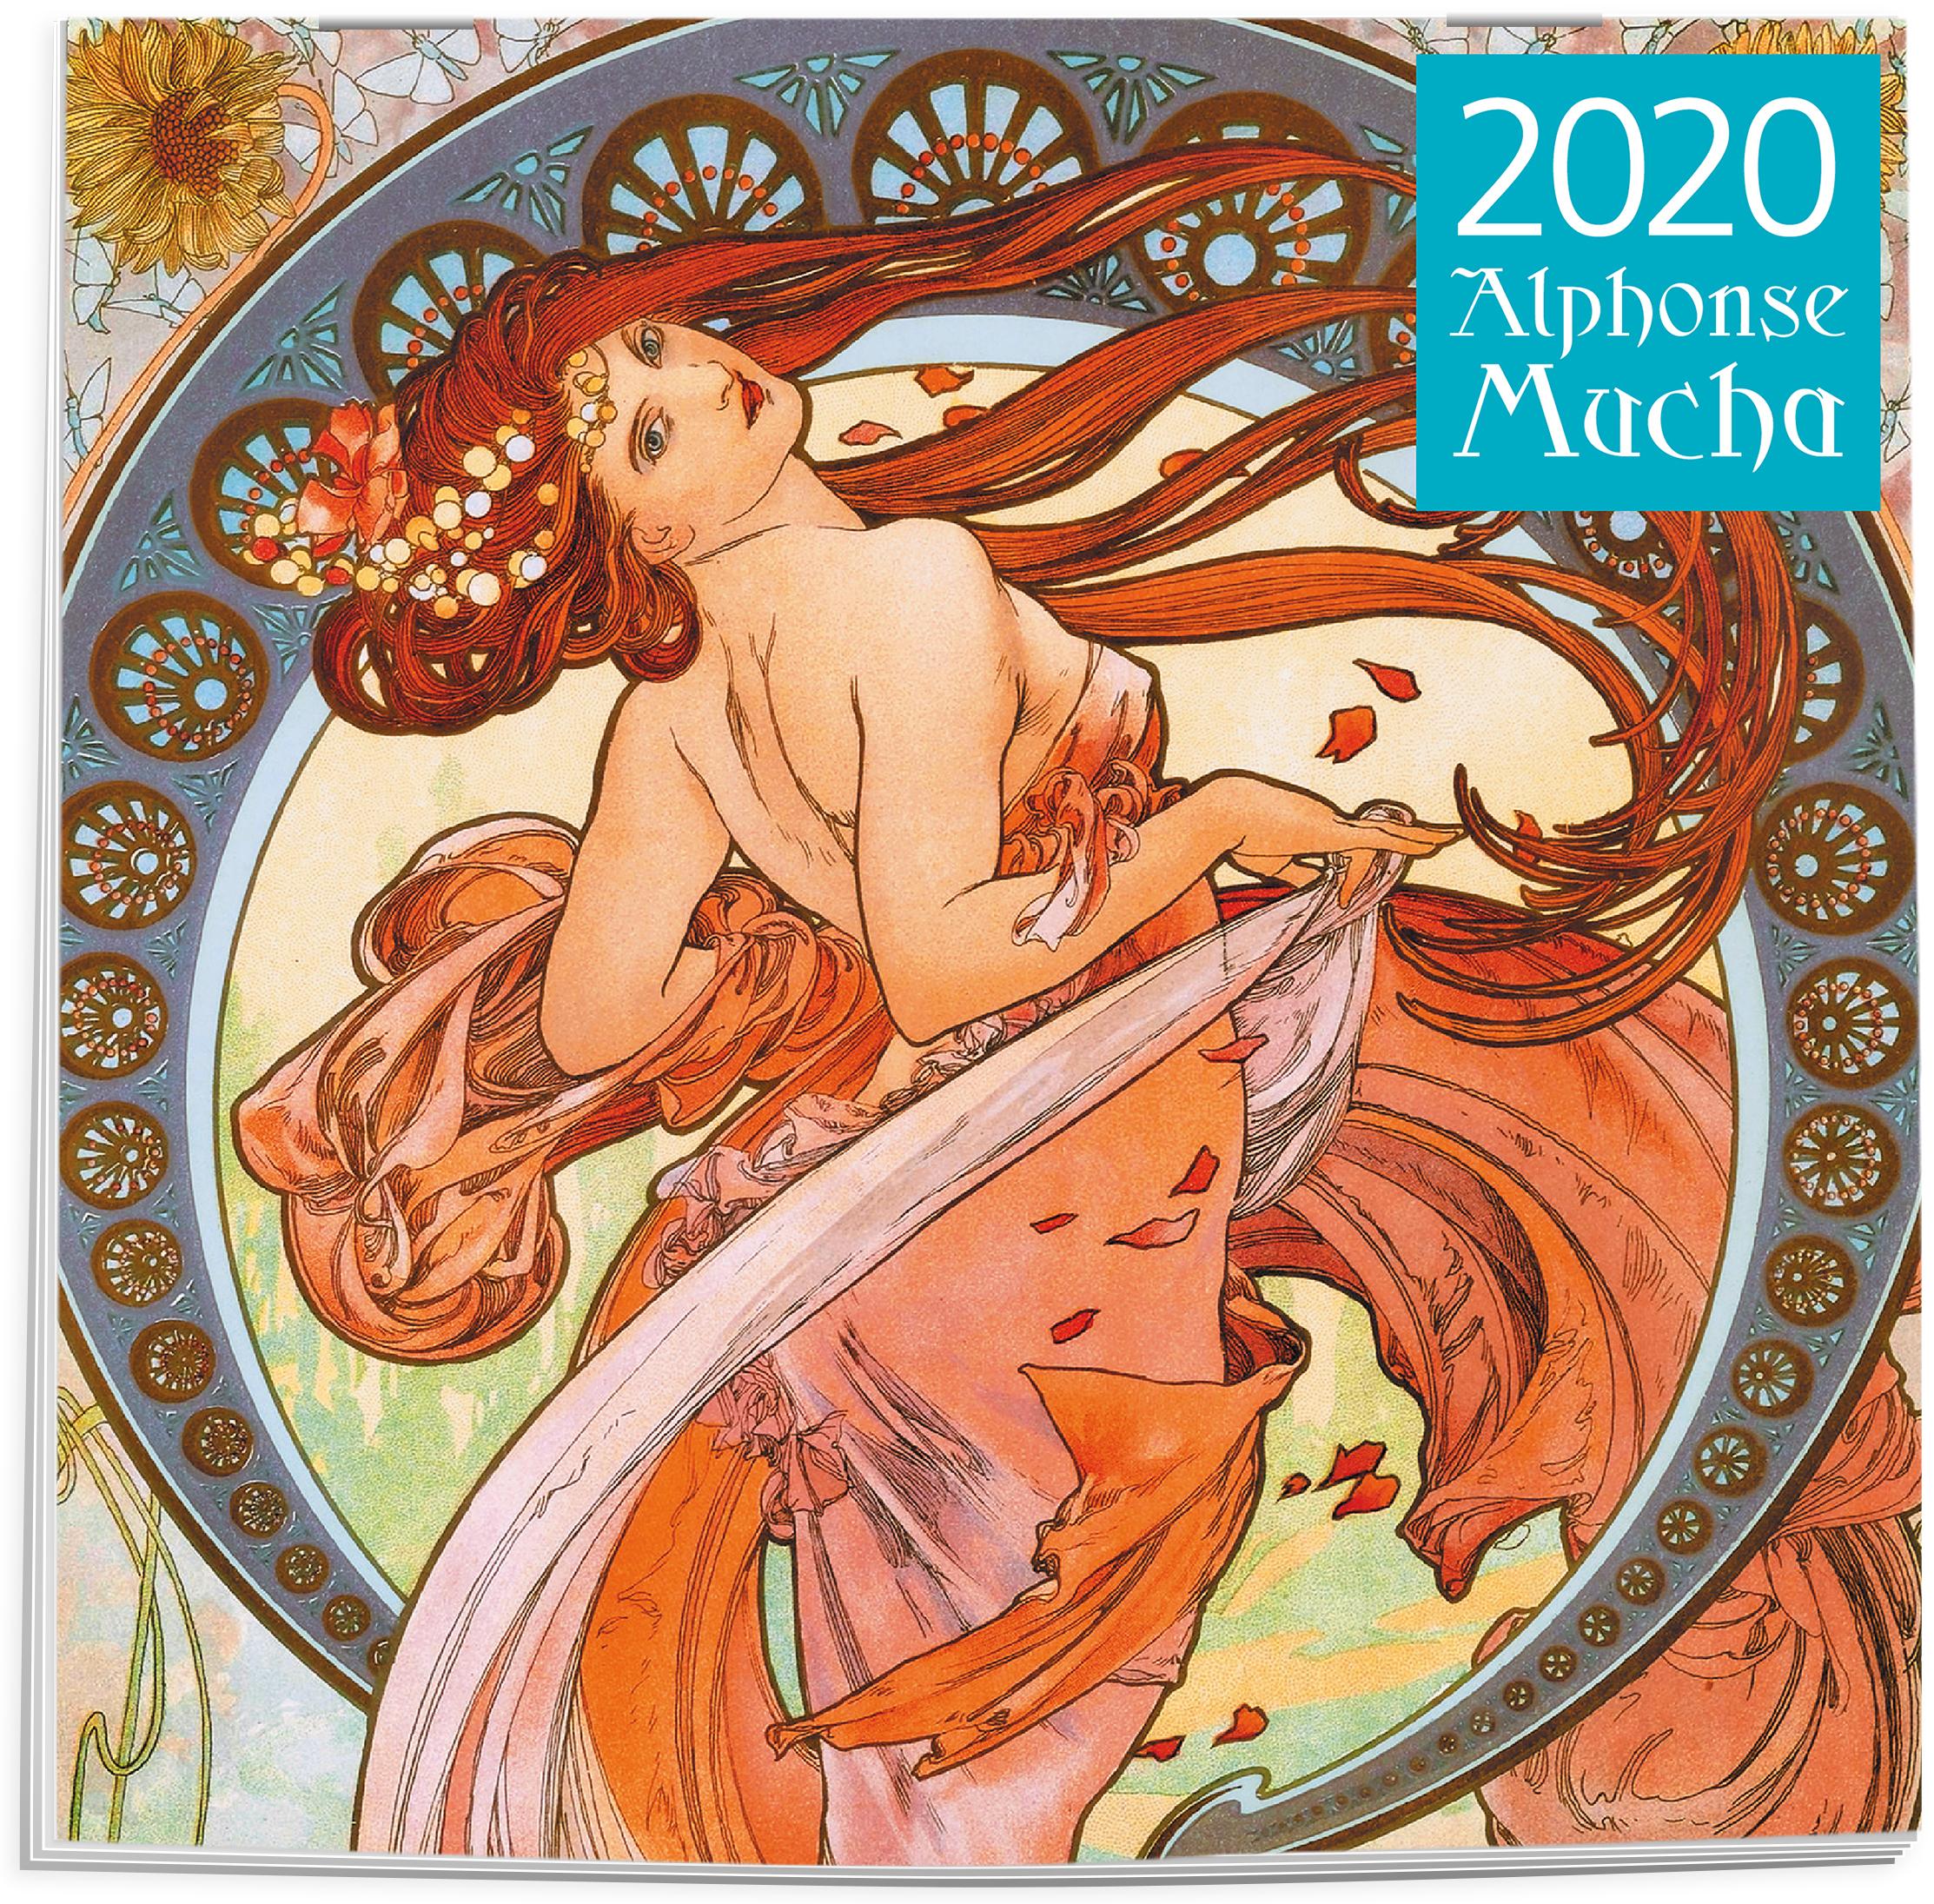 Альфонс Муха. Календарь настенный на 2020 год (300х300 мм)